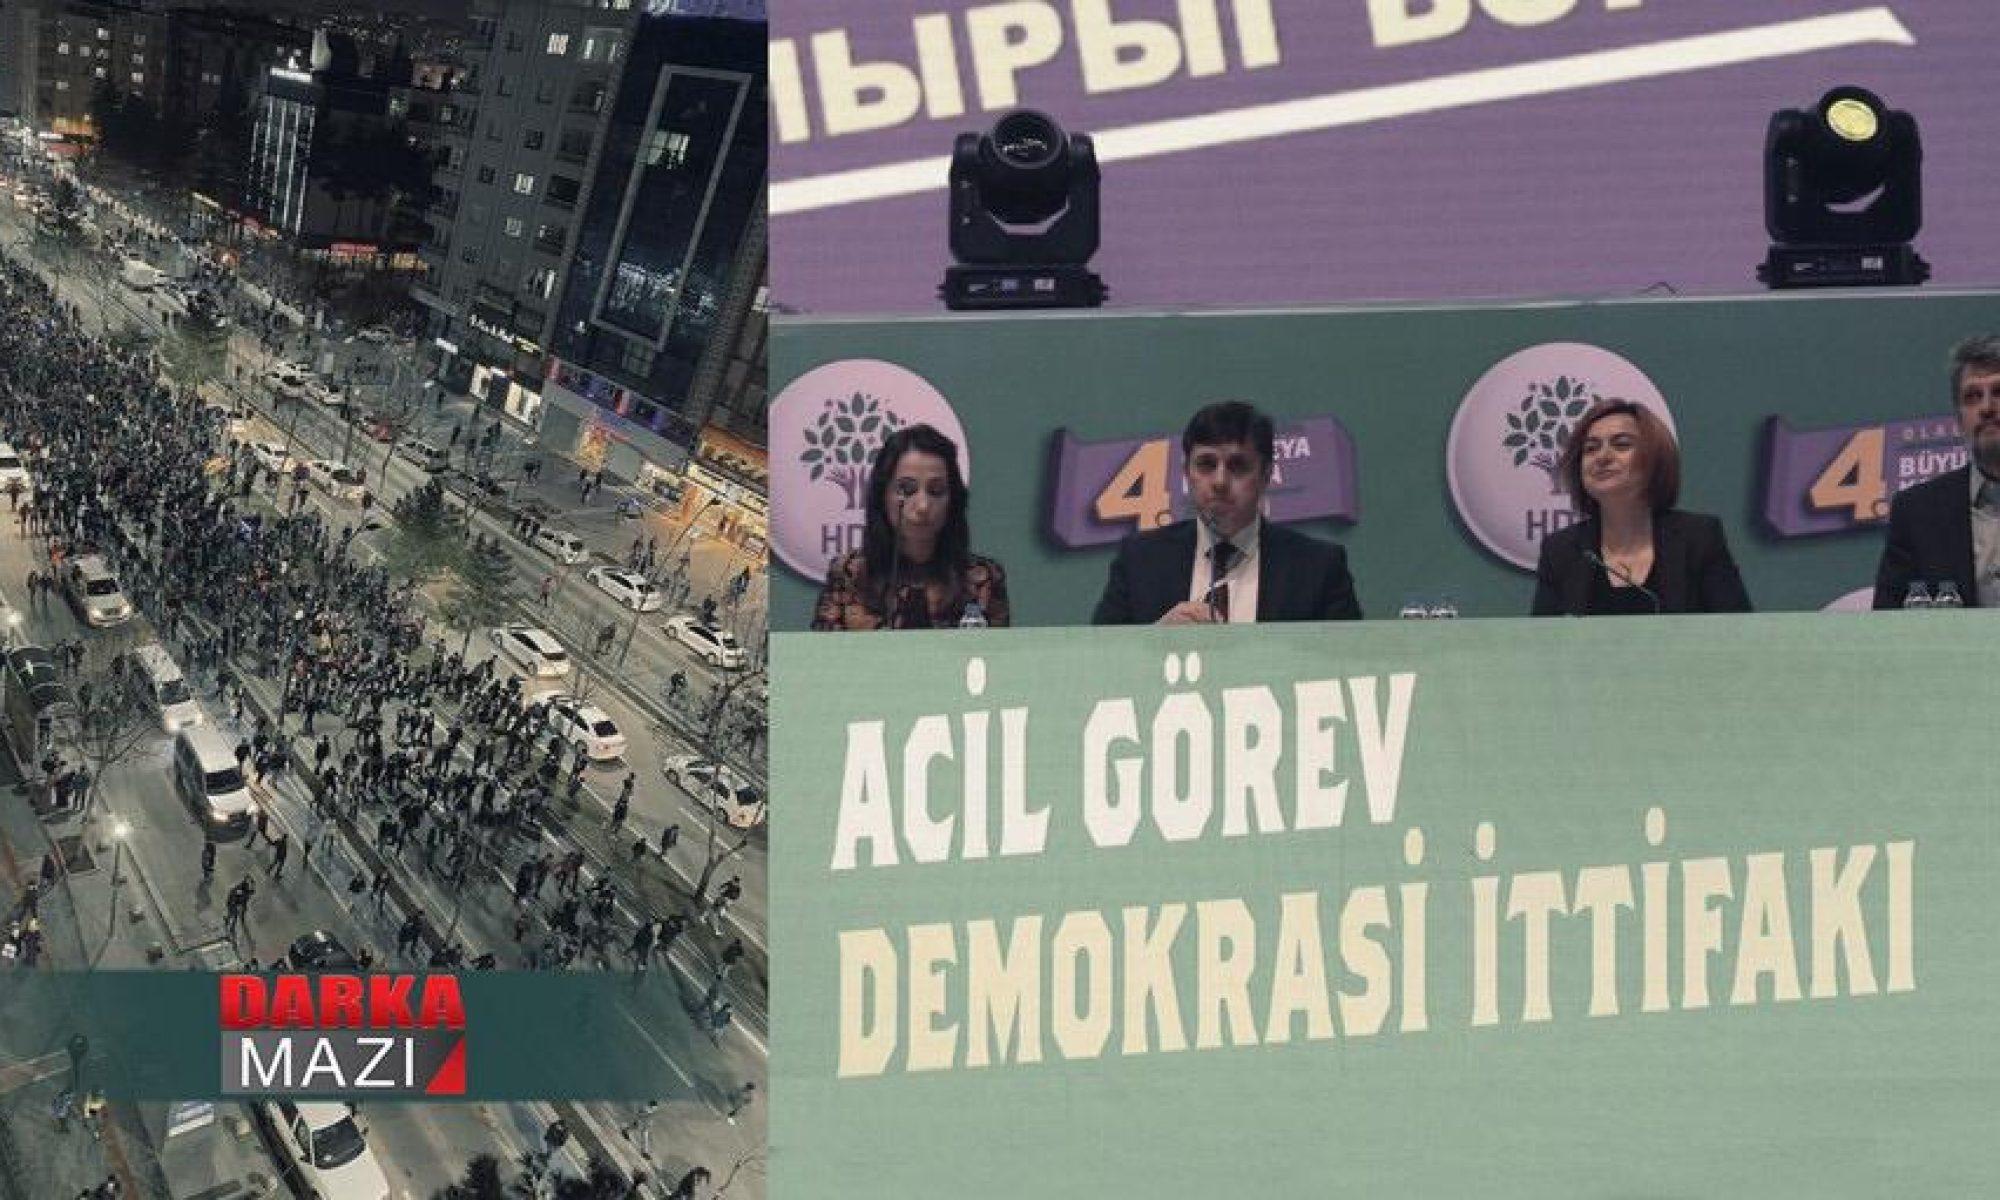 HDP'nin Kongre zaferi, Galatasaray'ın deplasman zaferi ve Kürtlerin yenilgisi